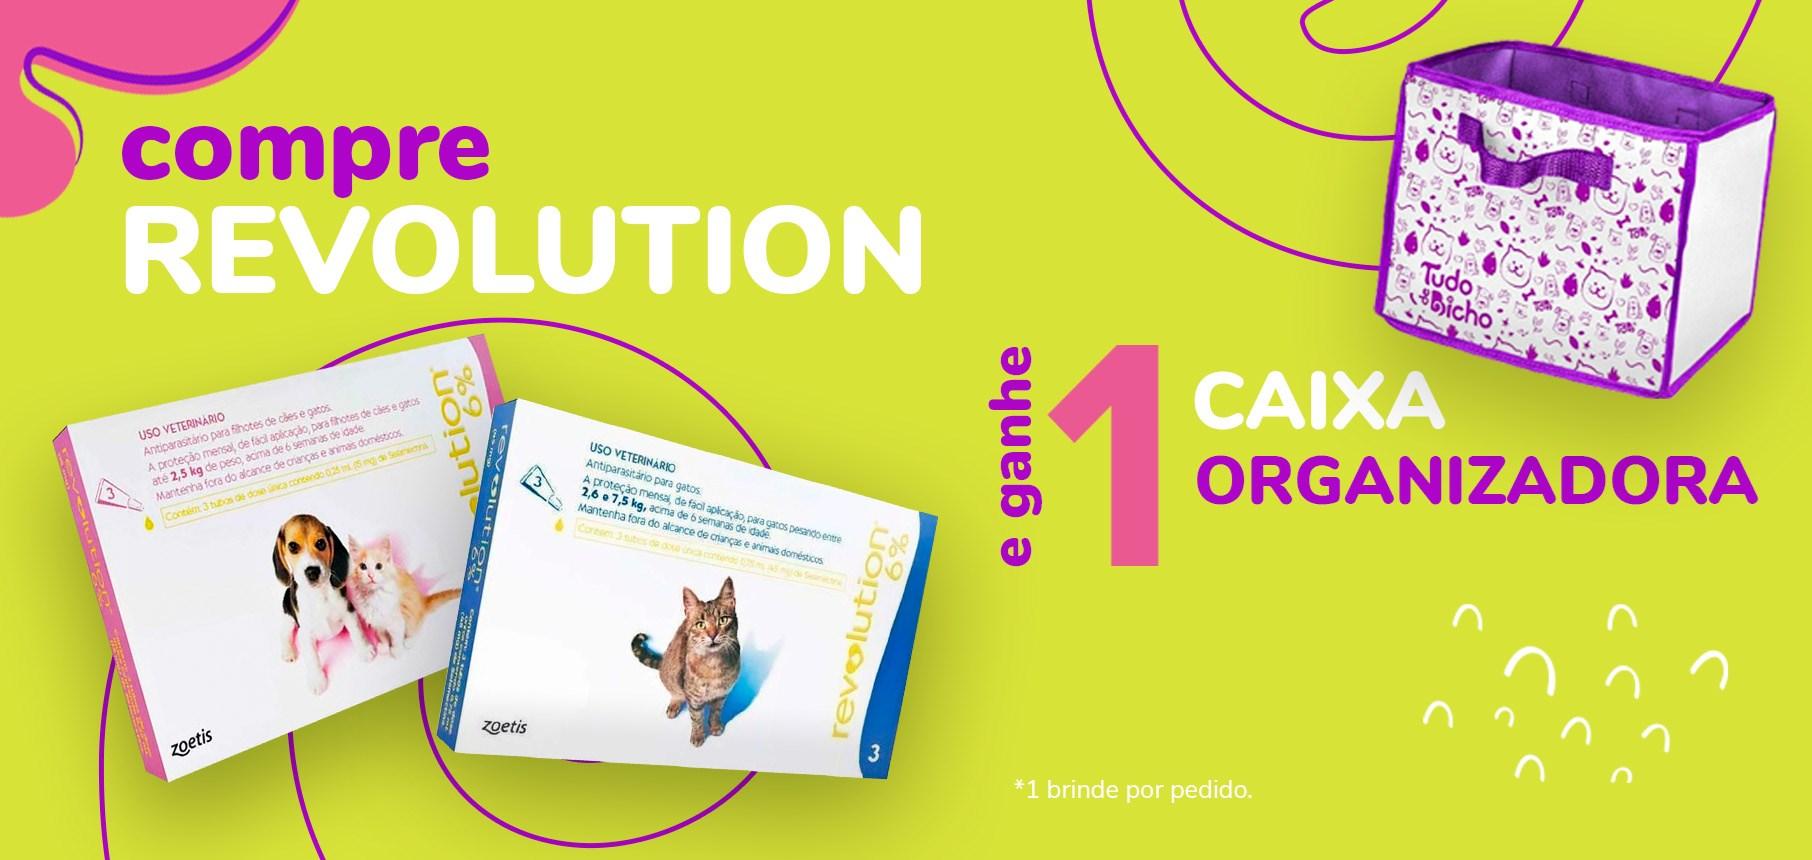 Compre Revolution e ganhe 1 caixa organizadora TDB